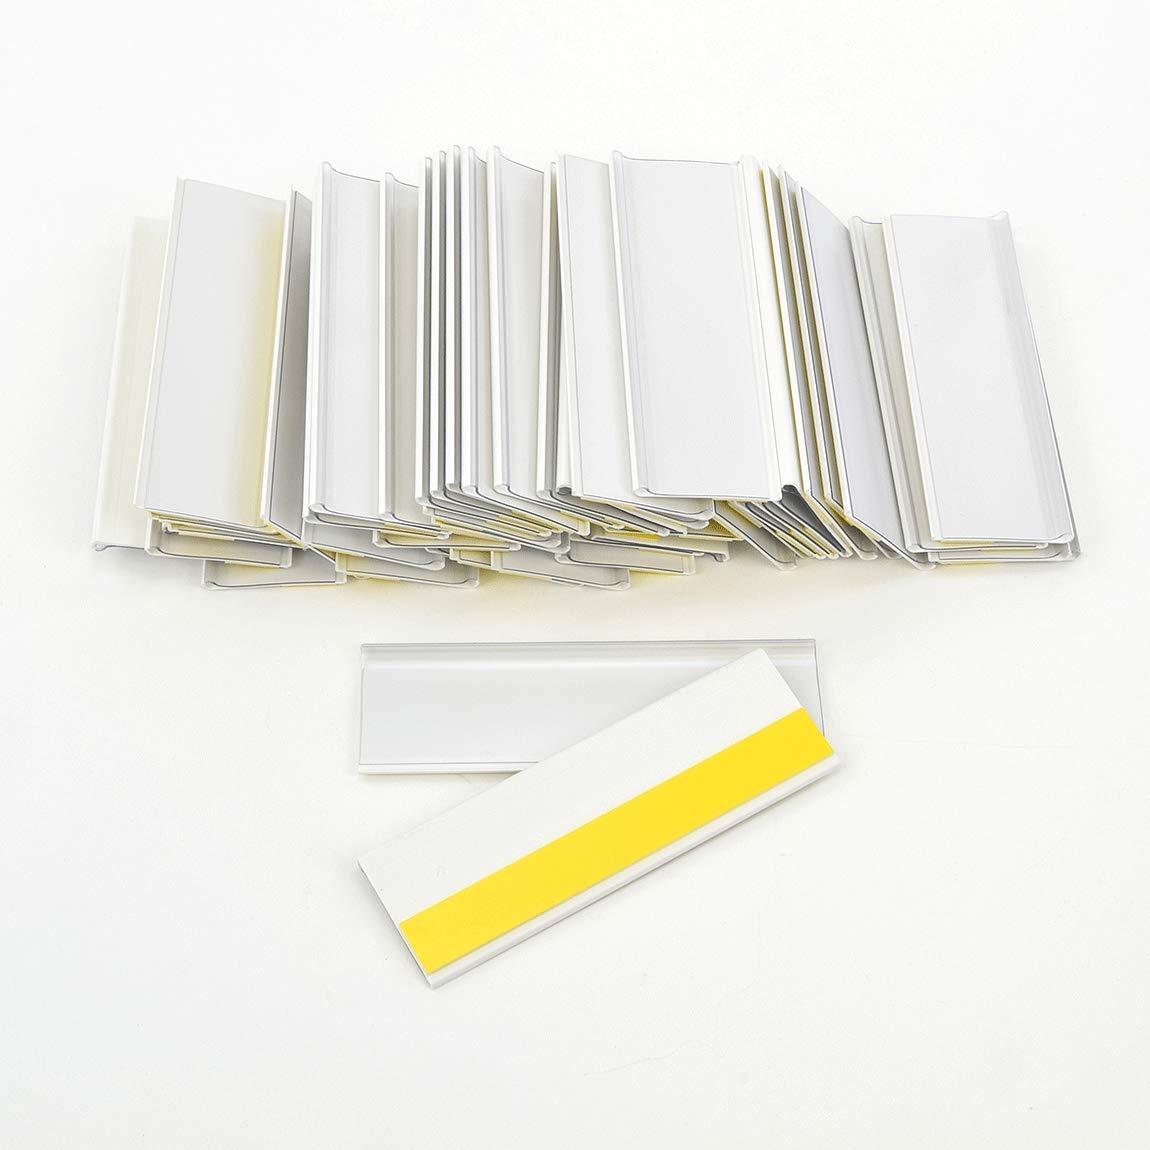 Selbstklebende Etikettenhalter f/ür Einstecketiketten 200 mm Breit//Tickethalter//Etiketten Halter 18 mm H/öhe, Transparent, 10 St/ück